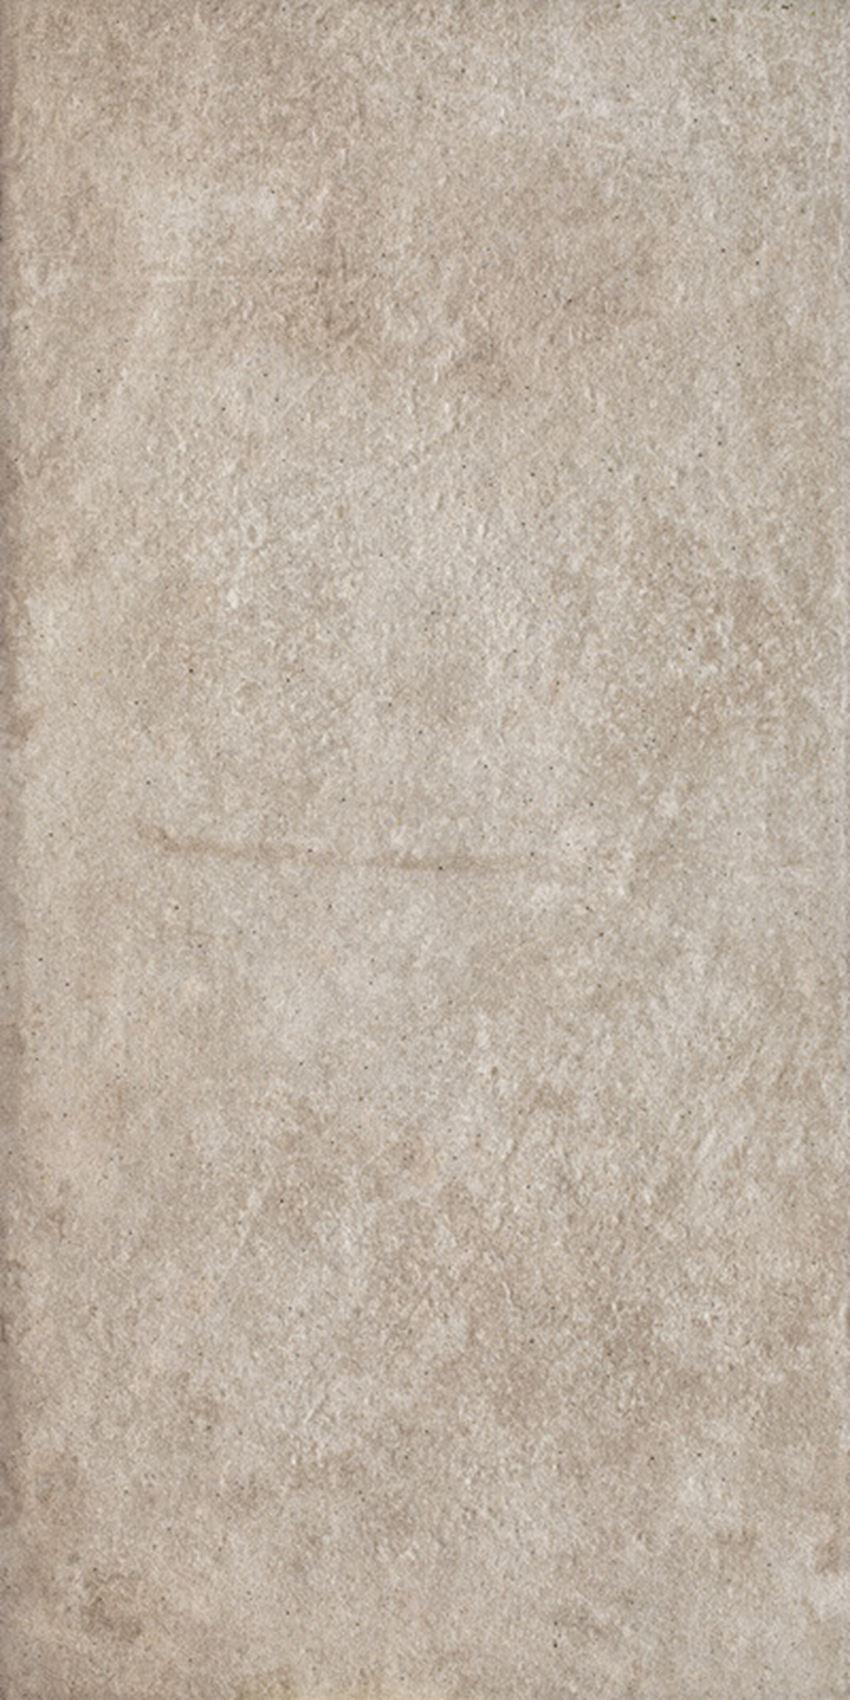 Płytka podłogowa 30x60 cm Paradyż Viano Beige Klinkier